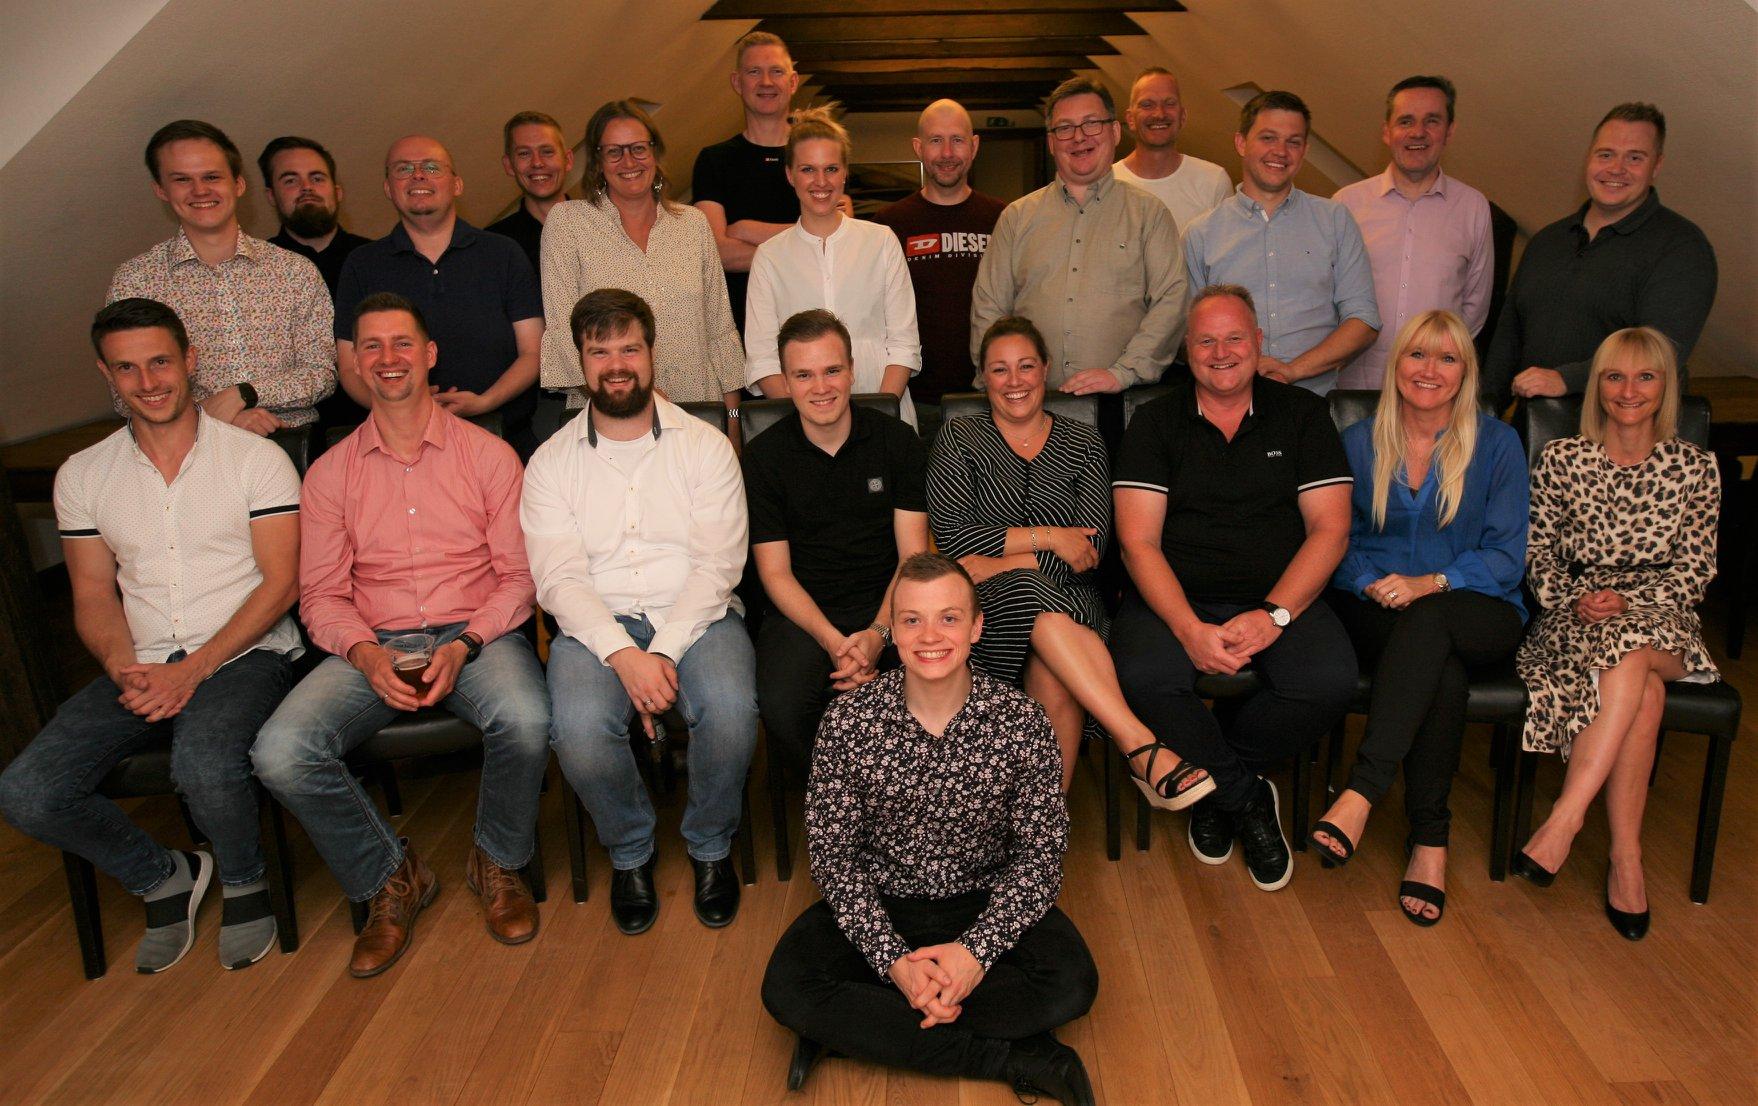 ITSecurity fejrer snart 30 års-jubilæum: Glade medarbejdere skaber vækst og tilfredse kunder